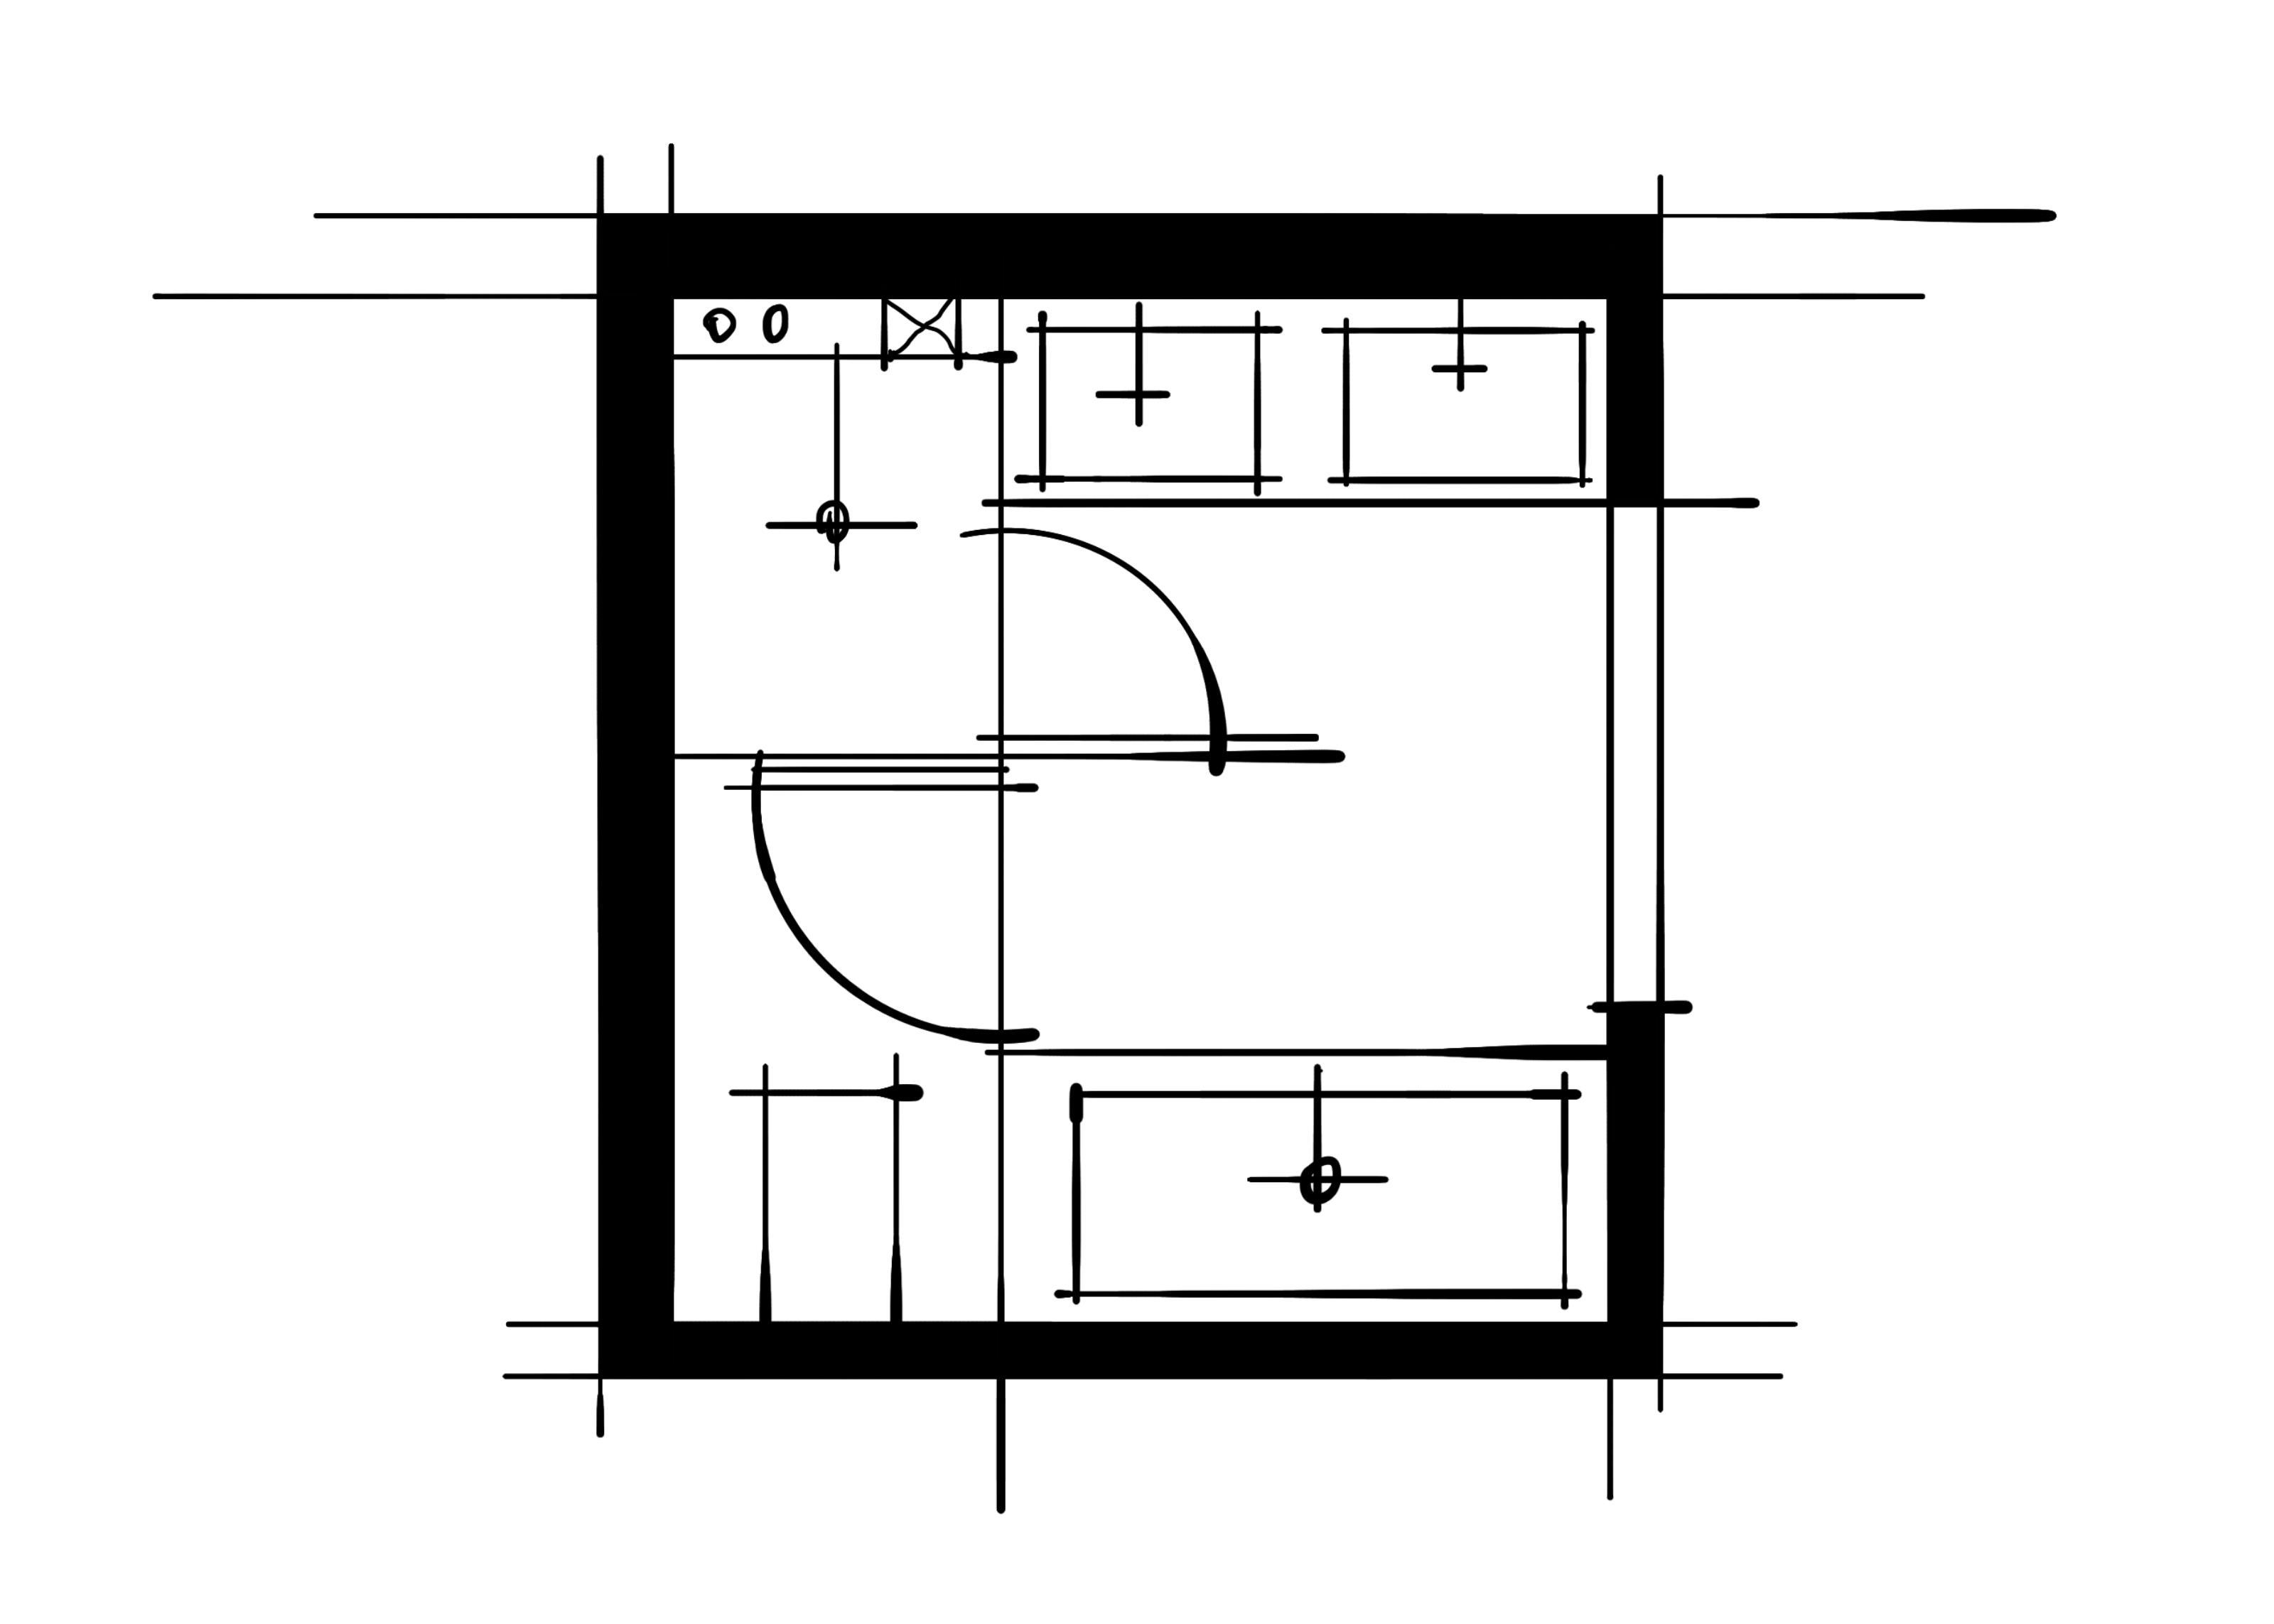 室内设计八大空间的十种做法-主卫(三分玻璃空间)